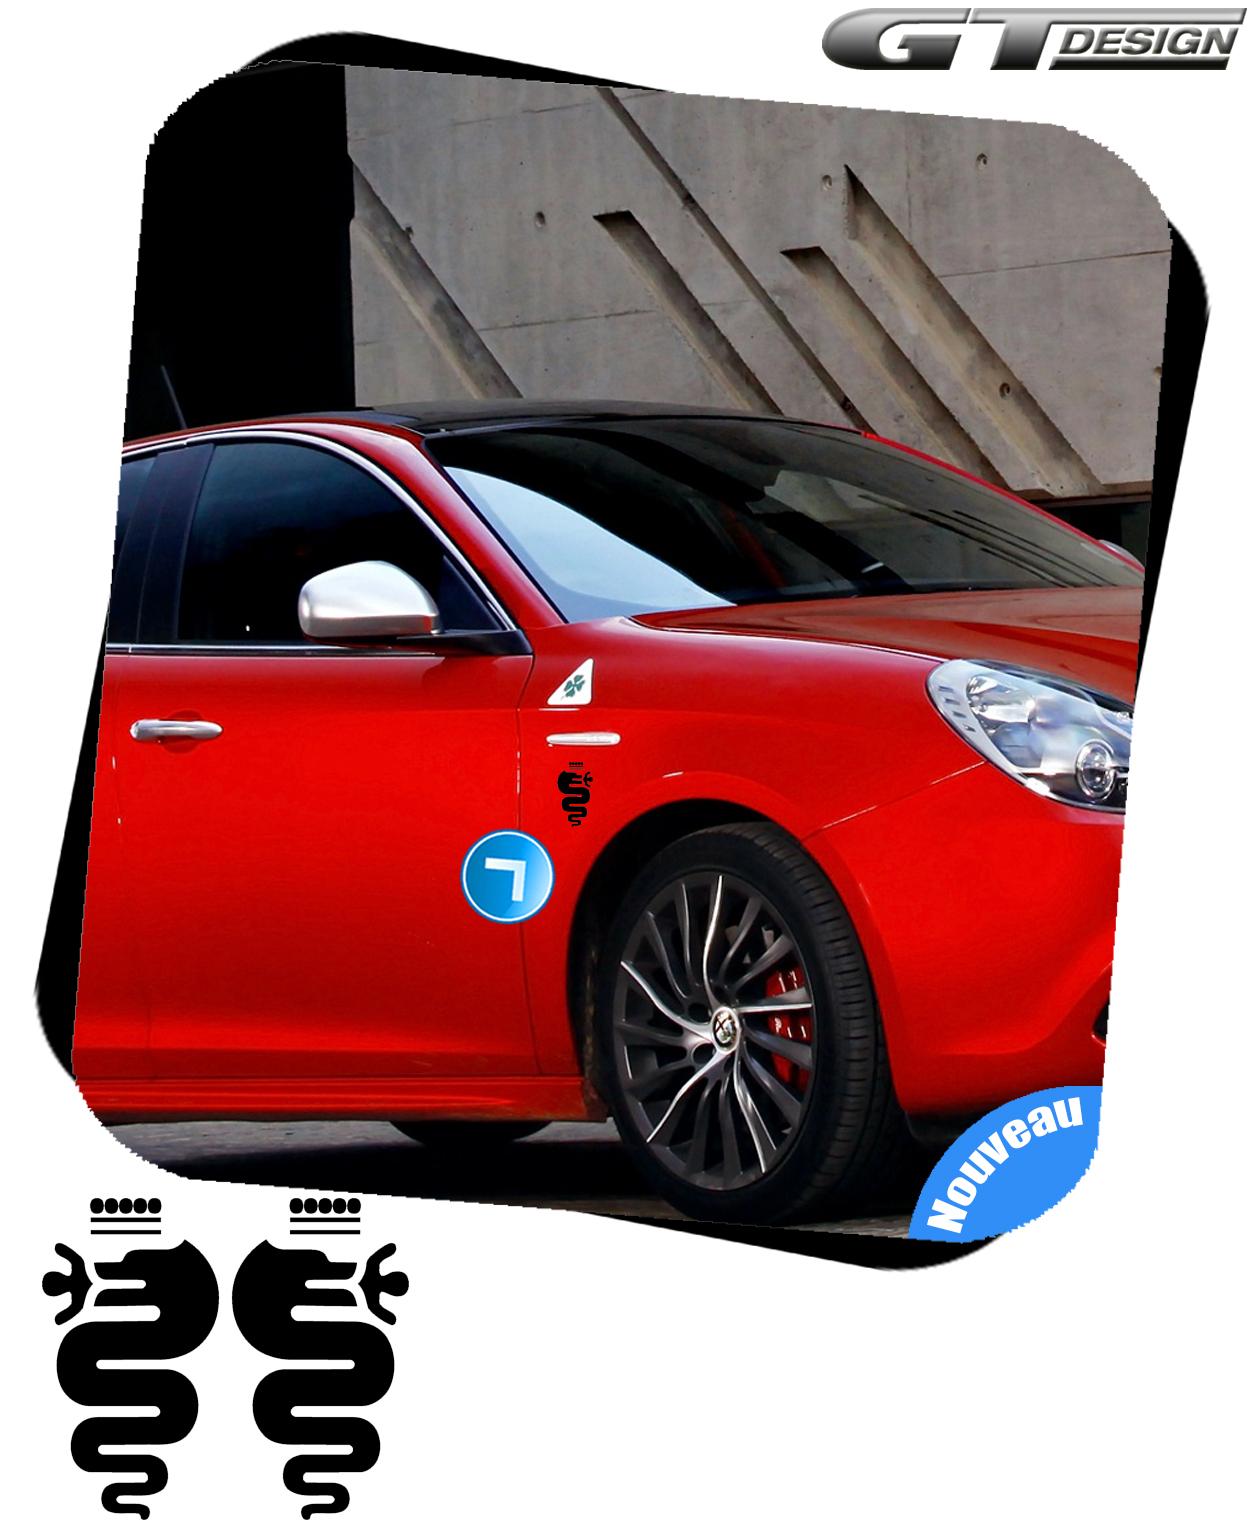 sticker biscione autocollant alfa romeo mito 147 giulietta 156 adesivi alr030b ebay. Black Bedroom Furniture Sets. Home Design Ideas